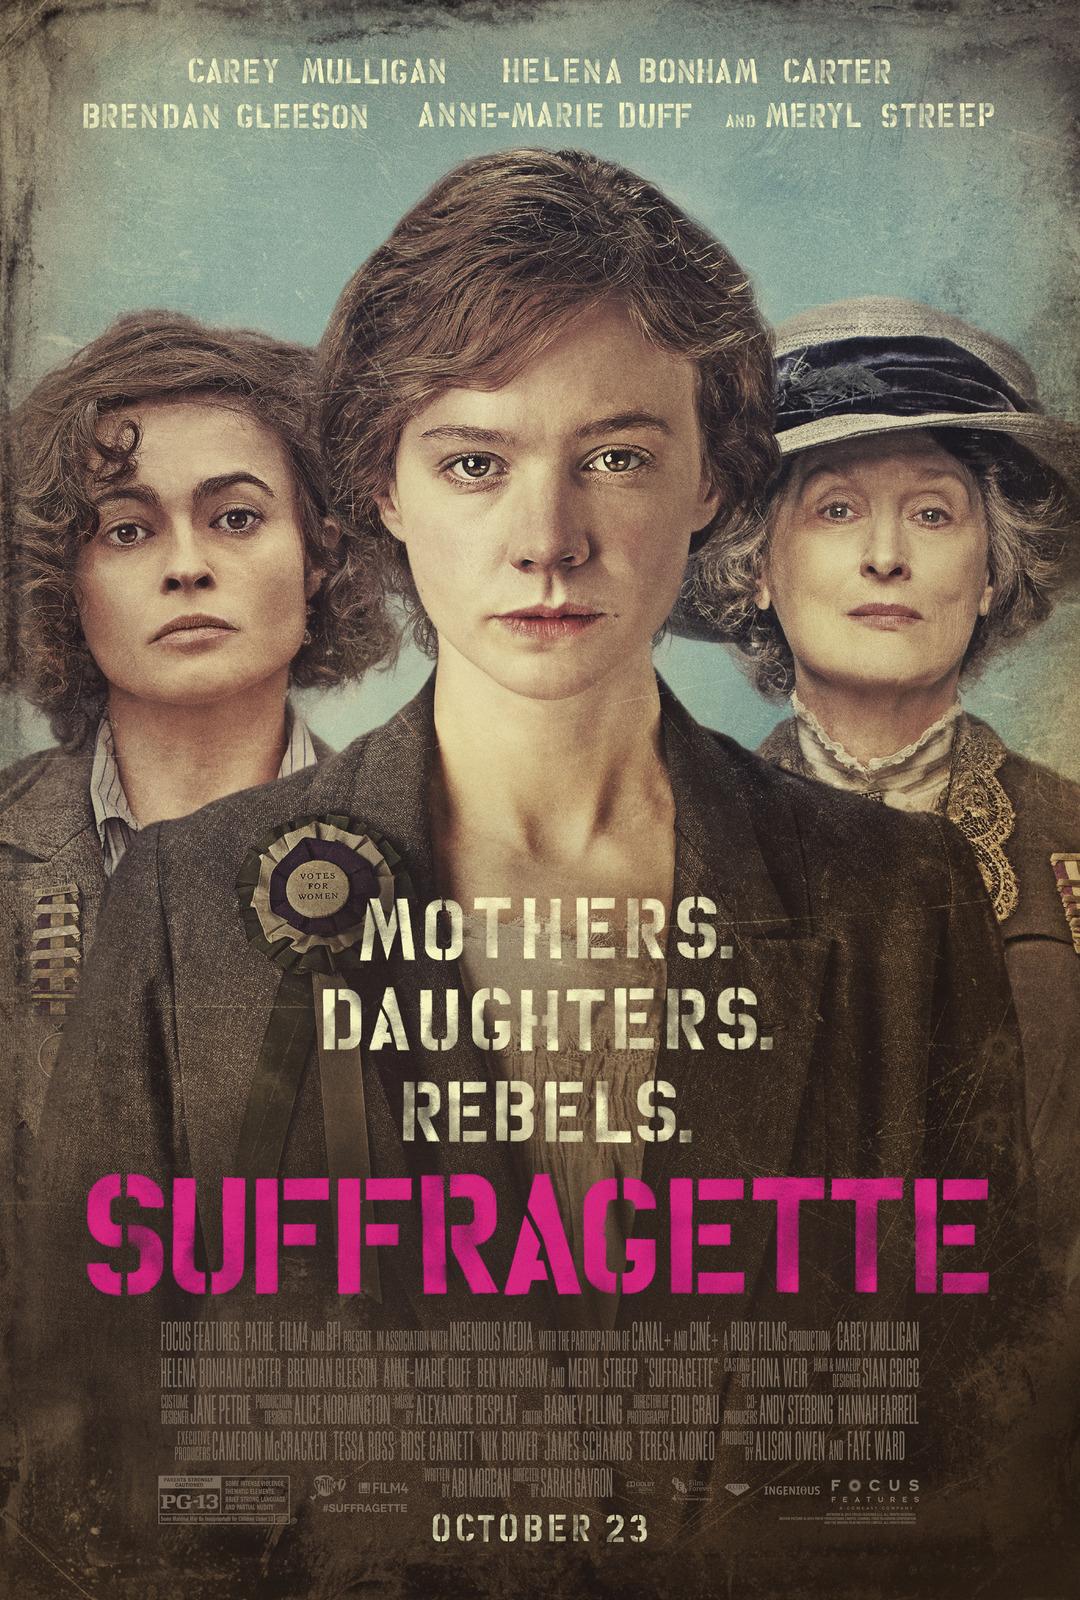 """Ilfuturo Oscar """"SUFFRAGETTE"""" diretto da Sarah Gavron con la partecipazione di Meryl Streep, sarà il film che aprirà il 33° TFF, peccato che è già stato visto in mezzo mondo. […]"""